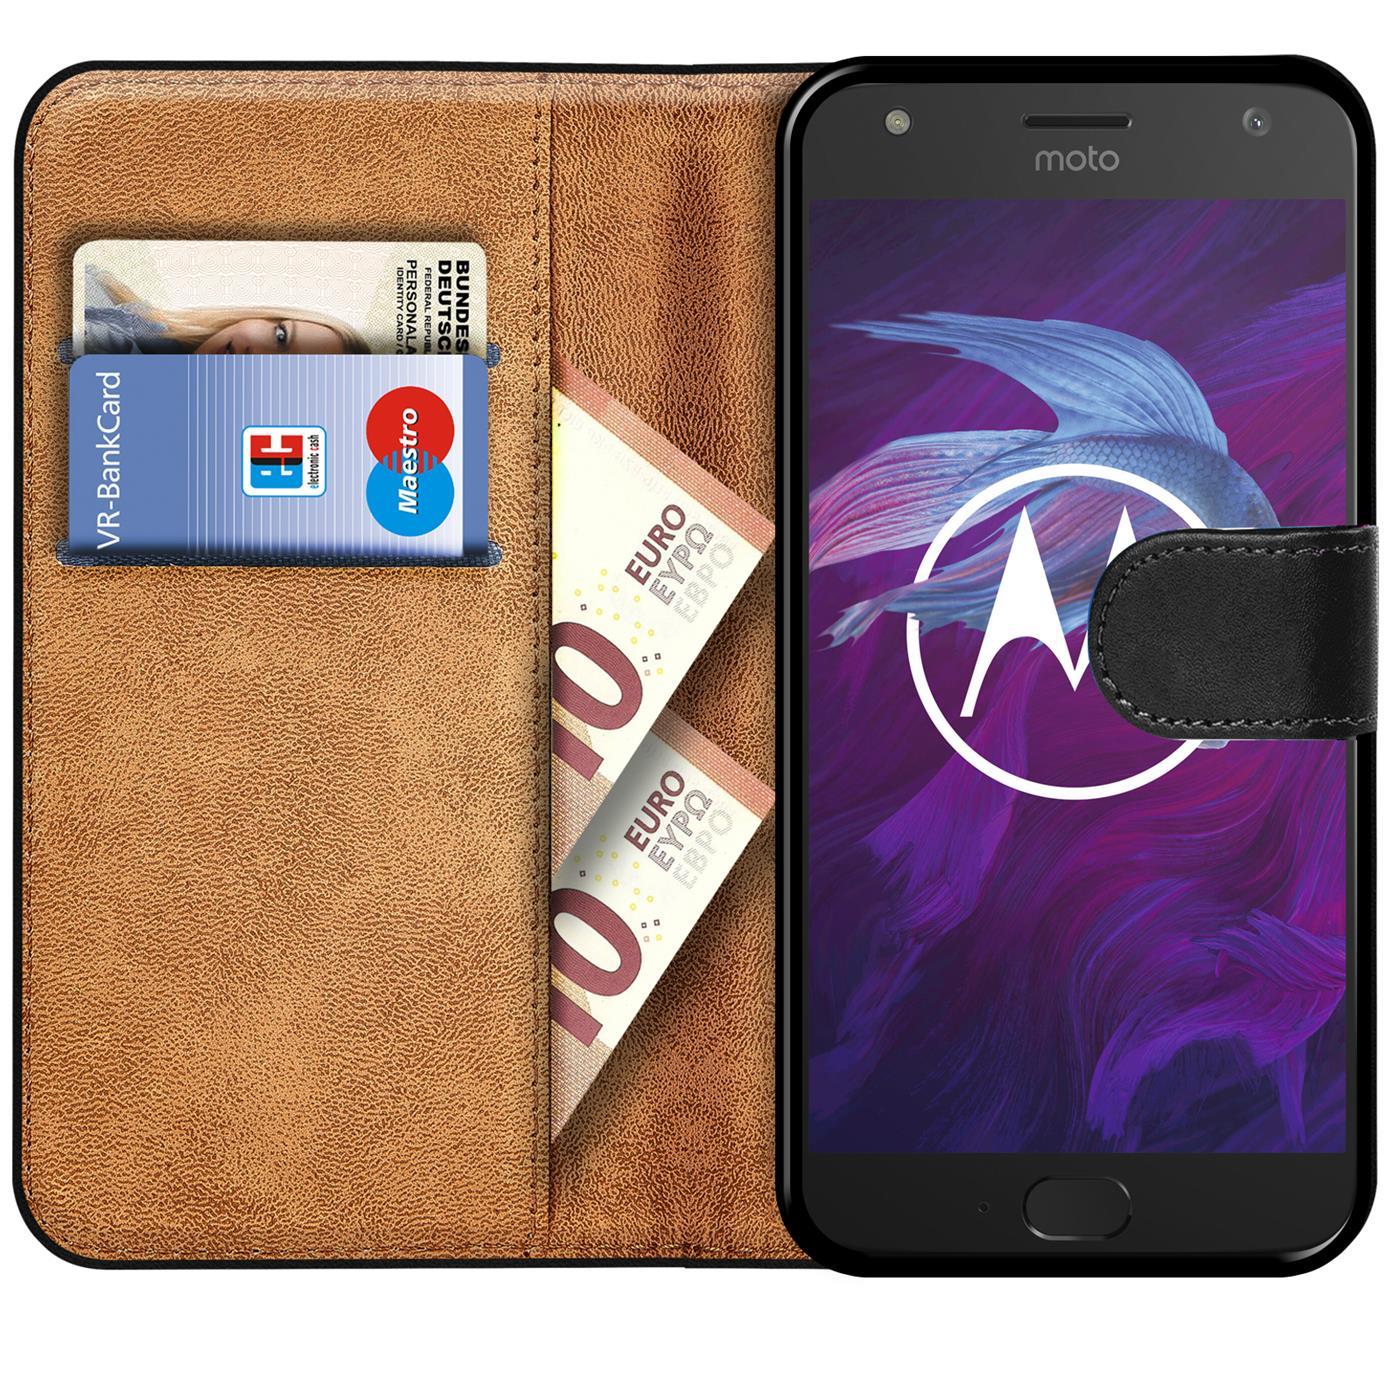 Book-Case-fuer-Motorola-Moto-X4-Huelle-Tasche-Flip-Cover-Handy-Schutz-Huelle Indexbild 9